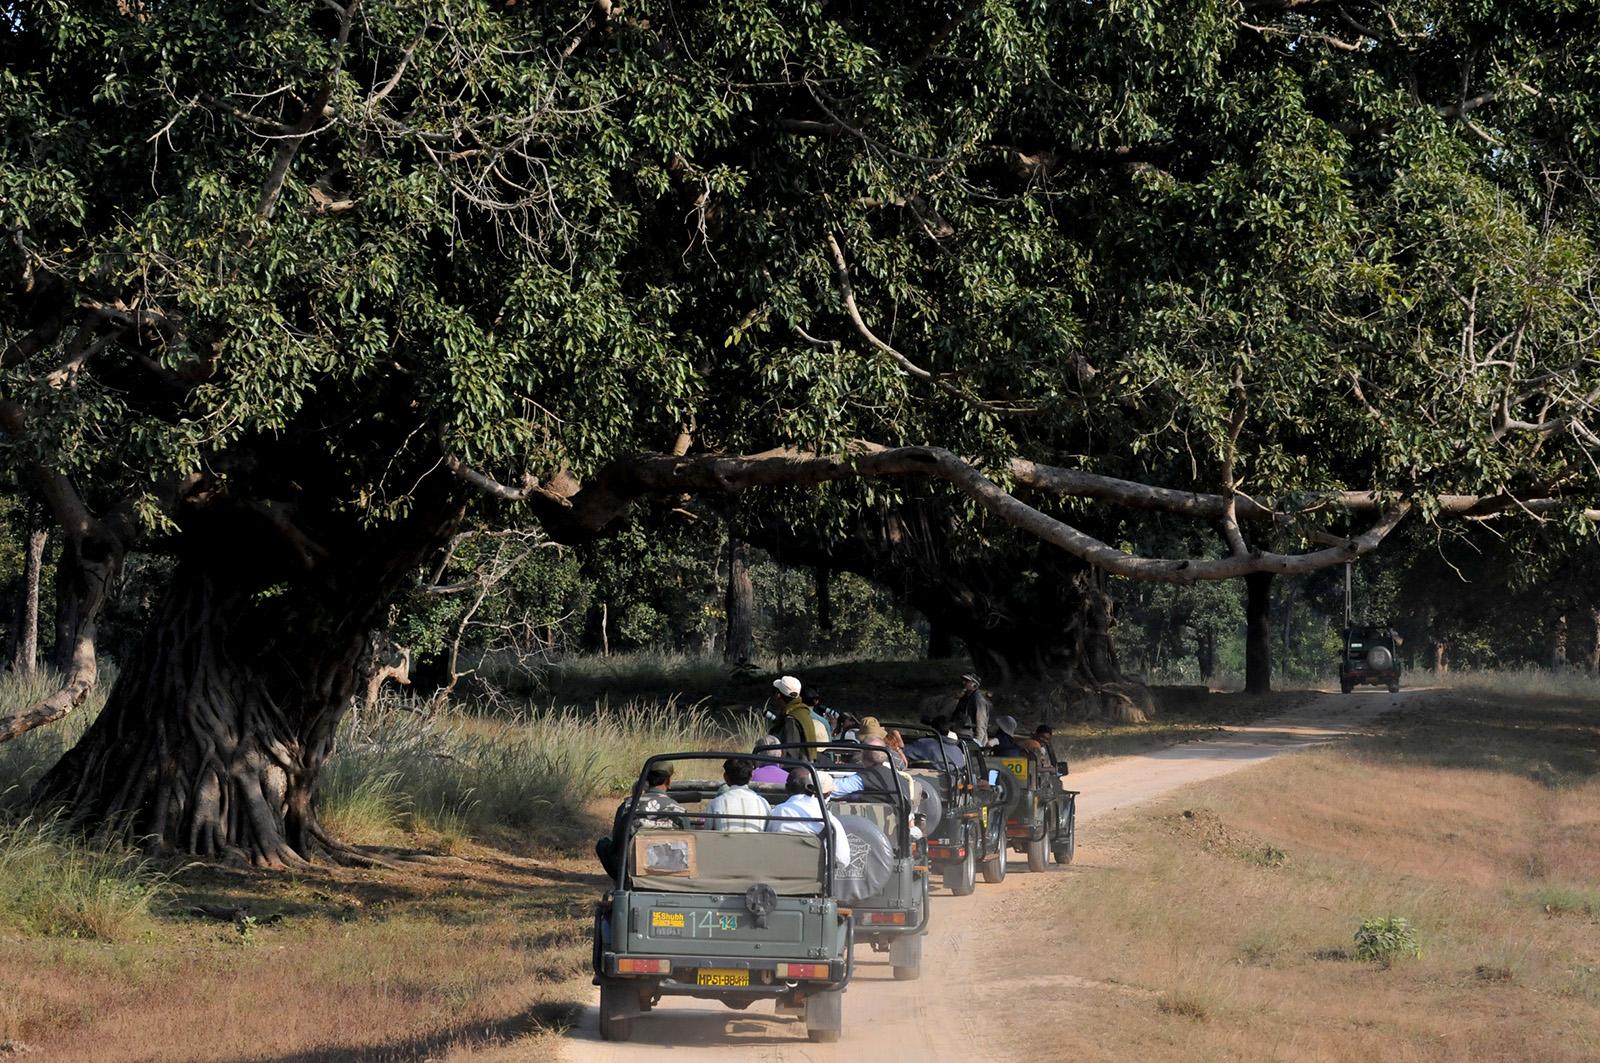 foto van vier jeeps die achter elkaar rijden door een safaripark